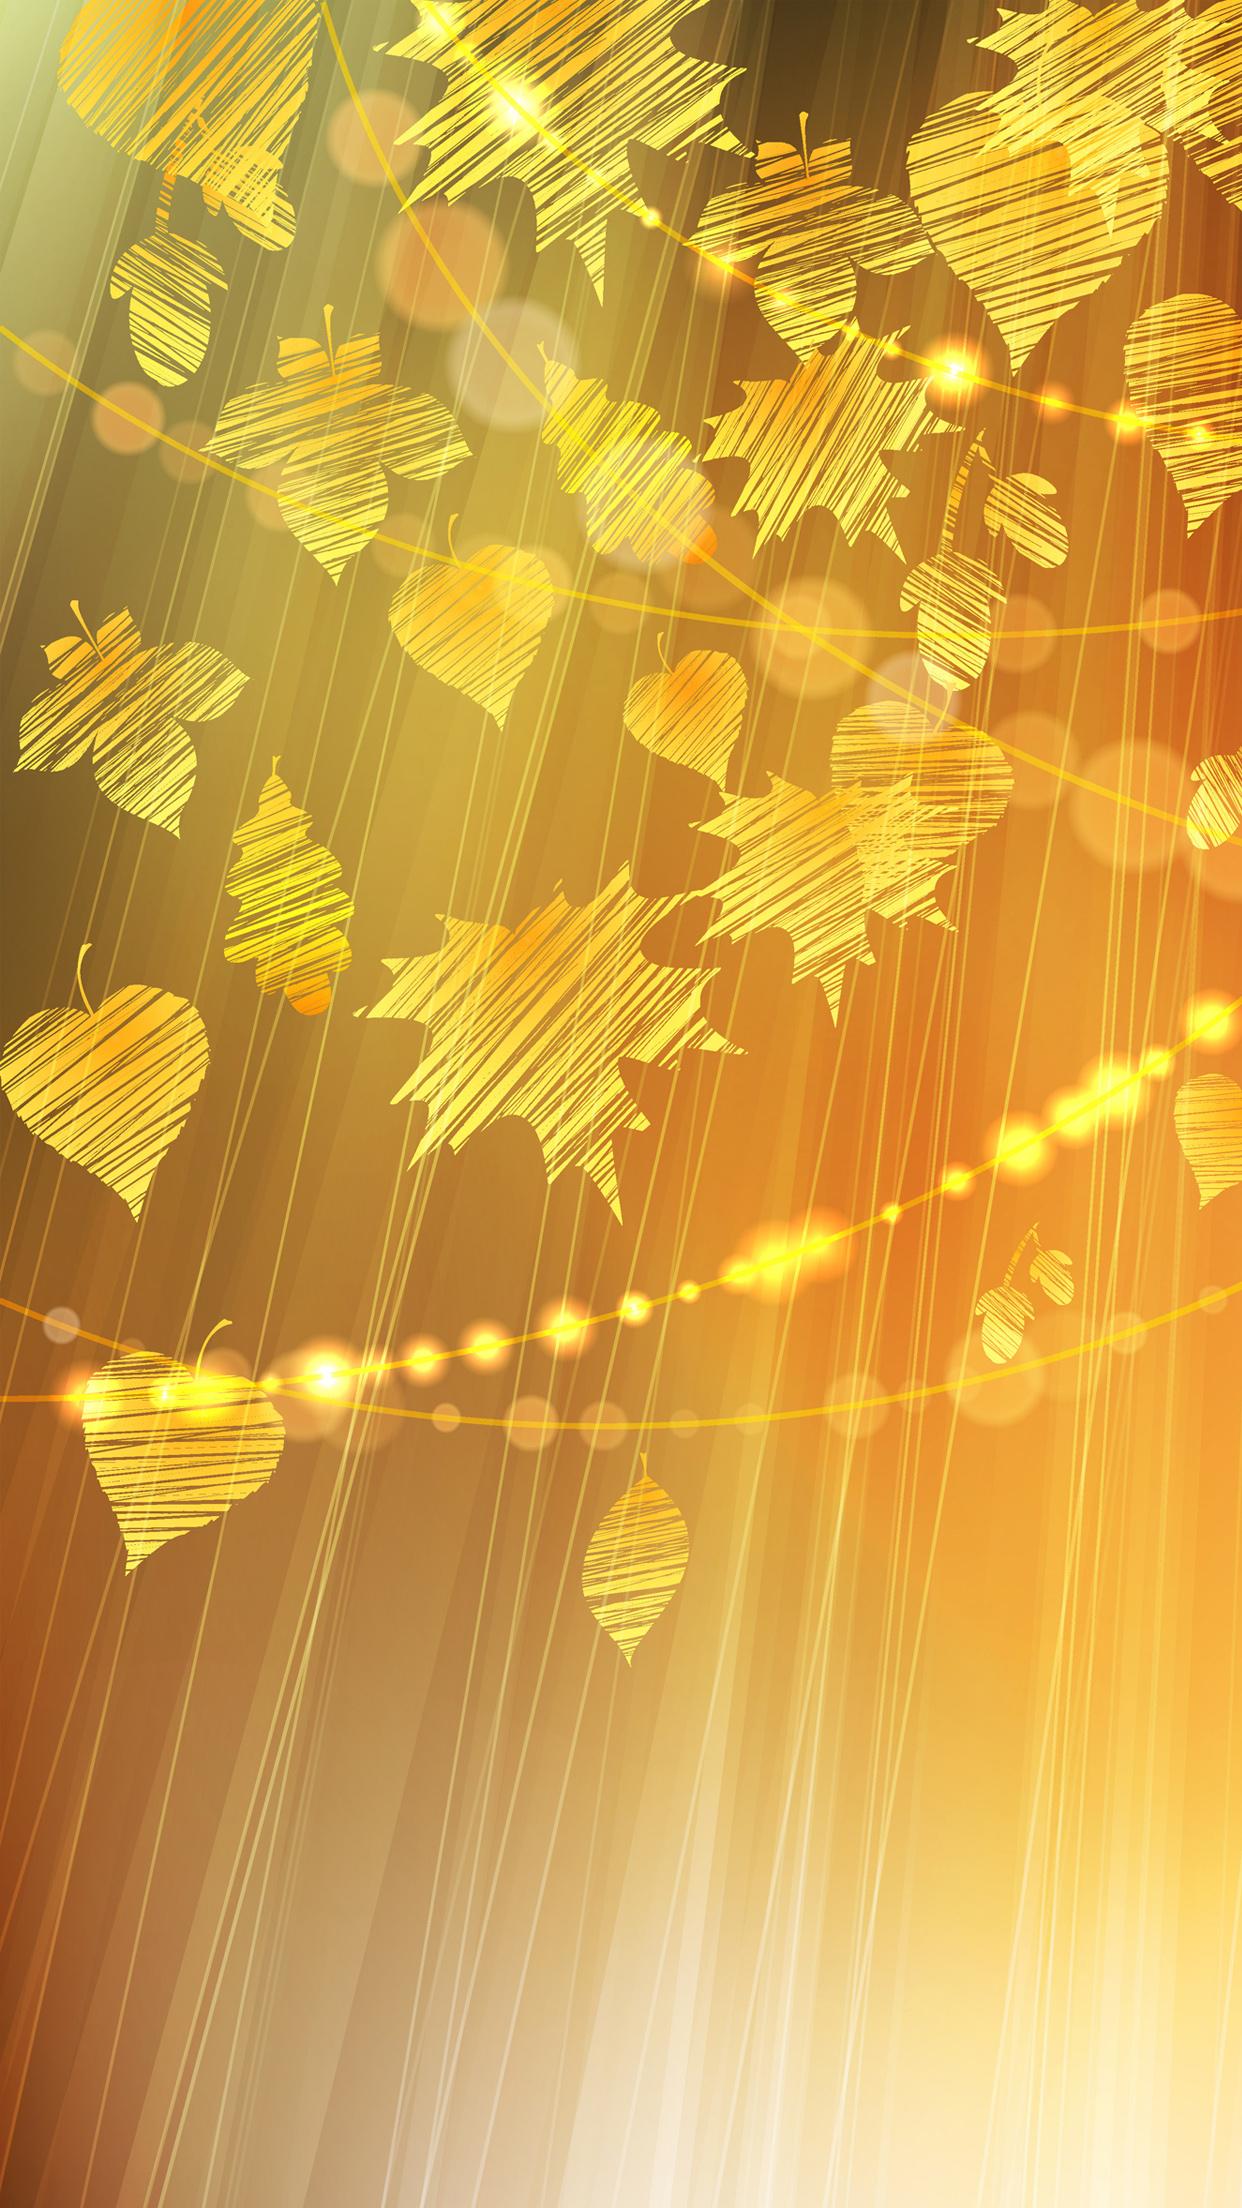 خلفيات ذهبية احدث الخلفيات المميزه باللون الذهبي لاجلك كارز